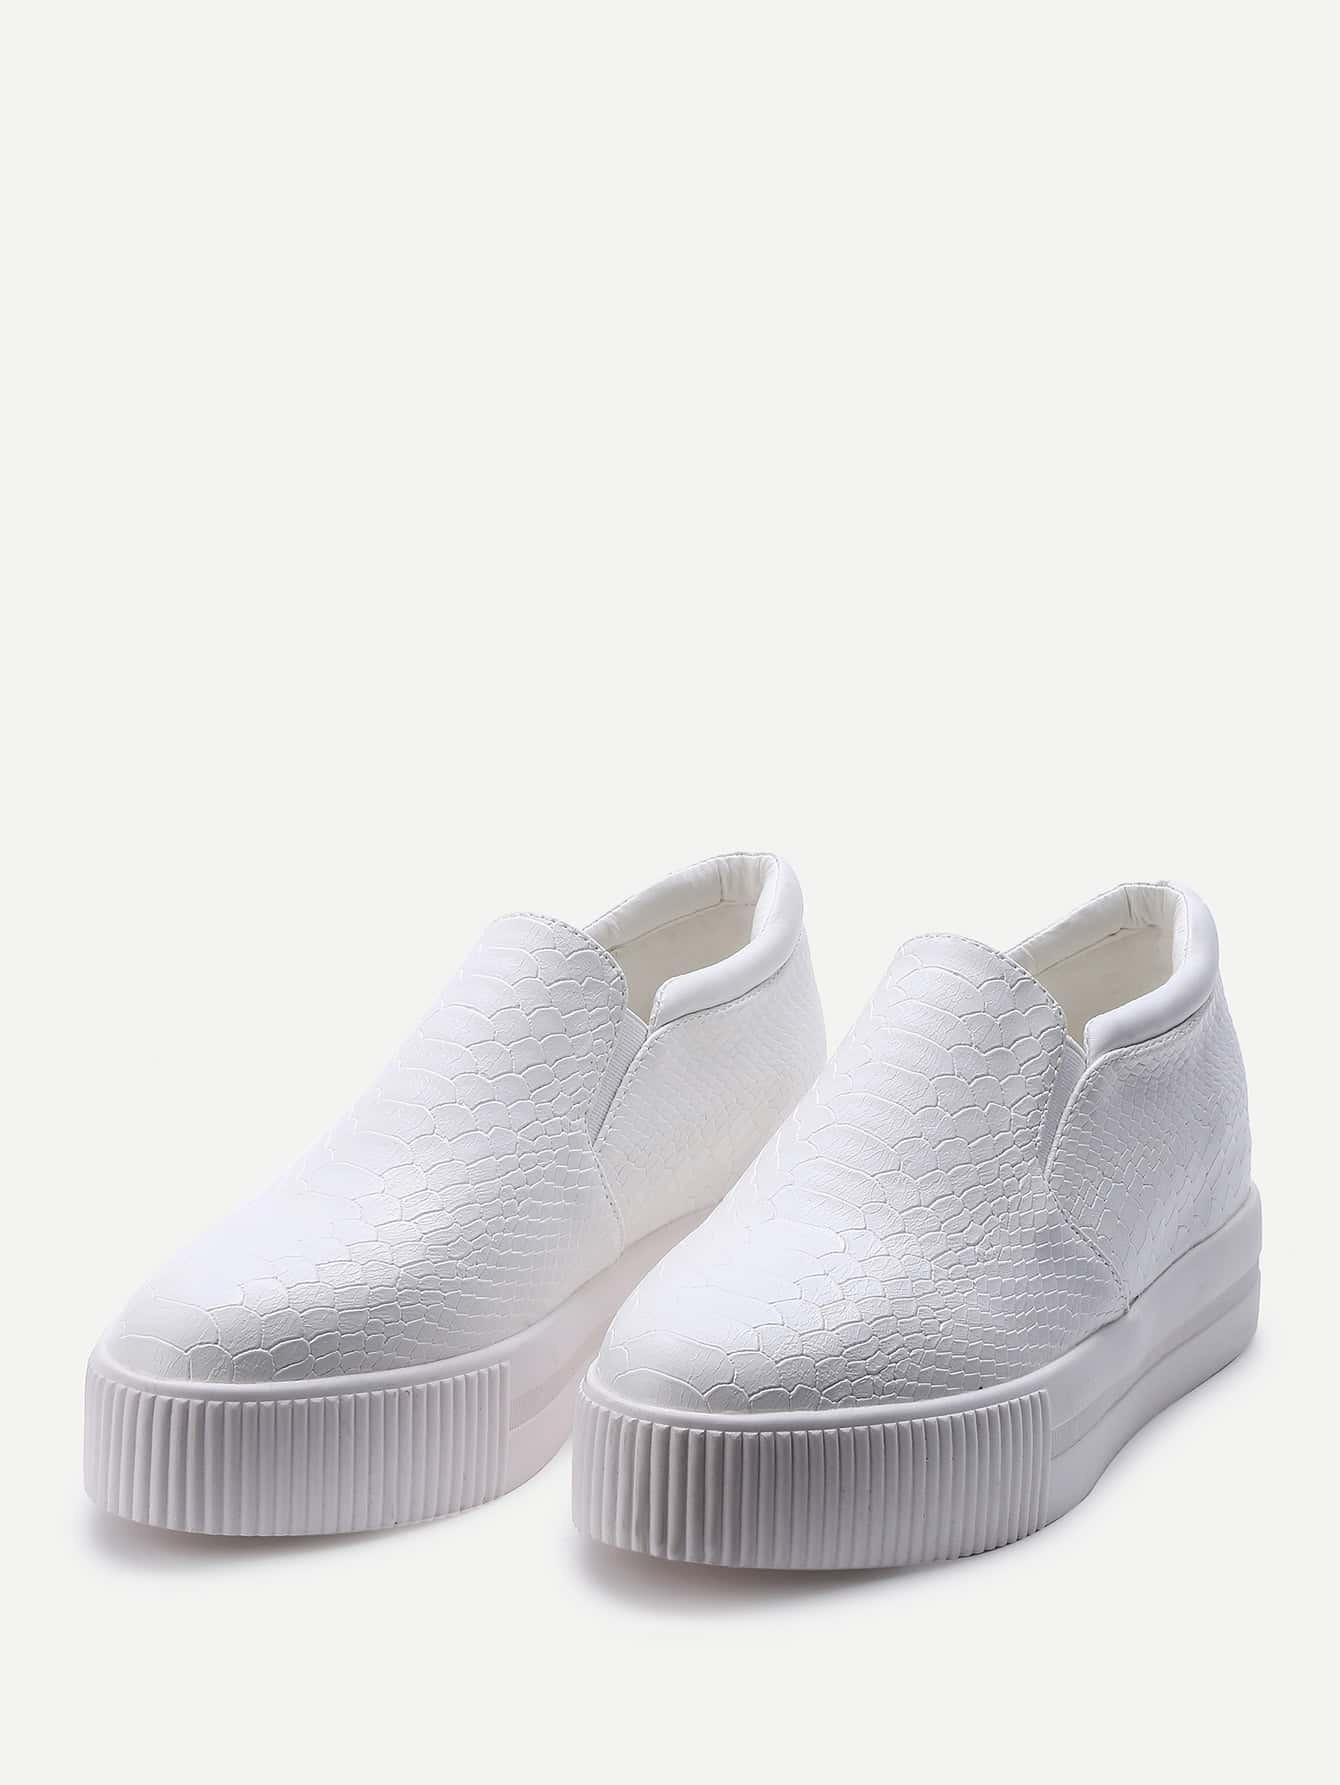 shoes170308802_2